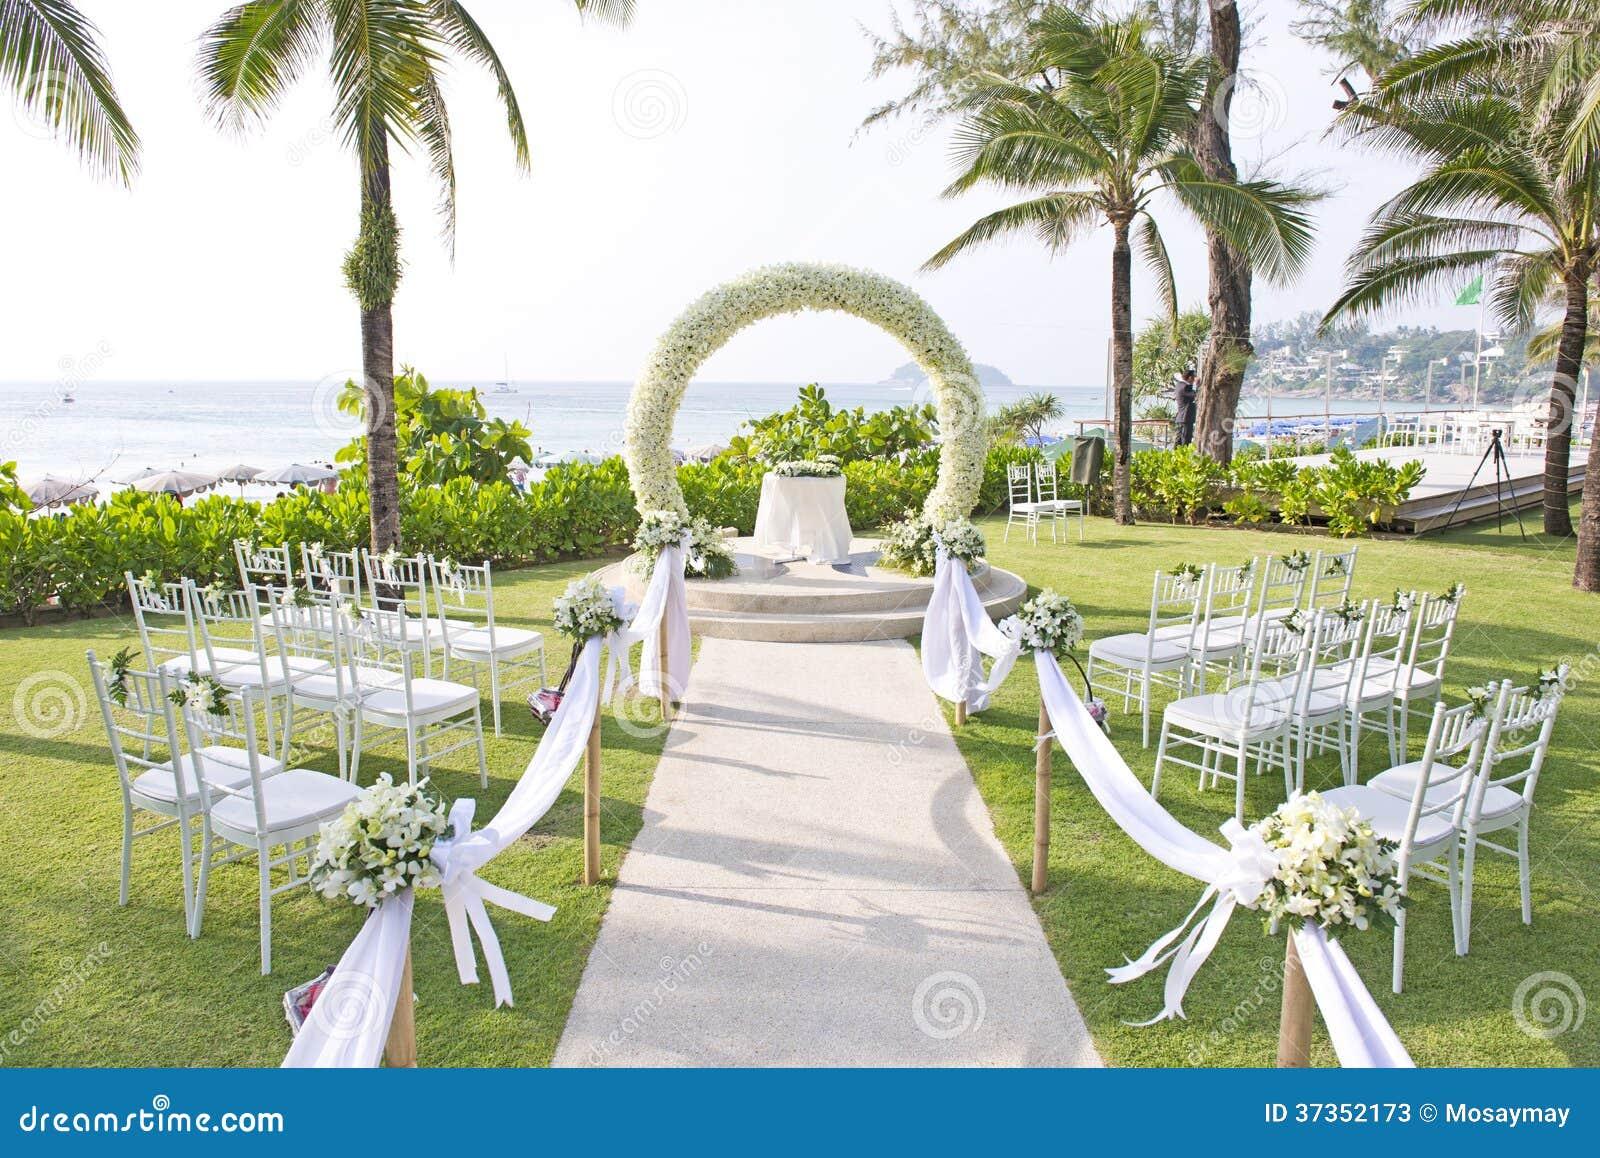 Boda puesta en jard n dentro de la playa imagen de archivo for Au jardin singapore wedding